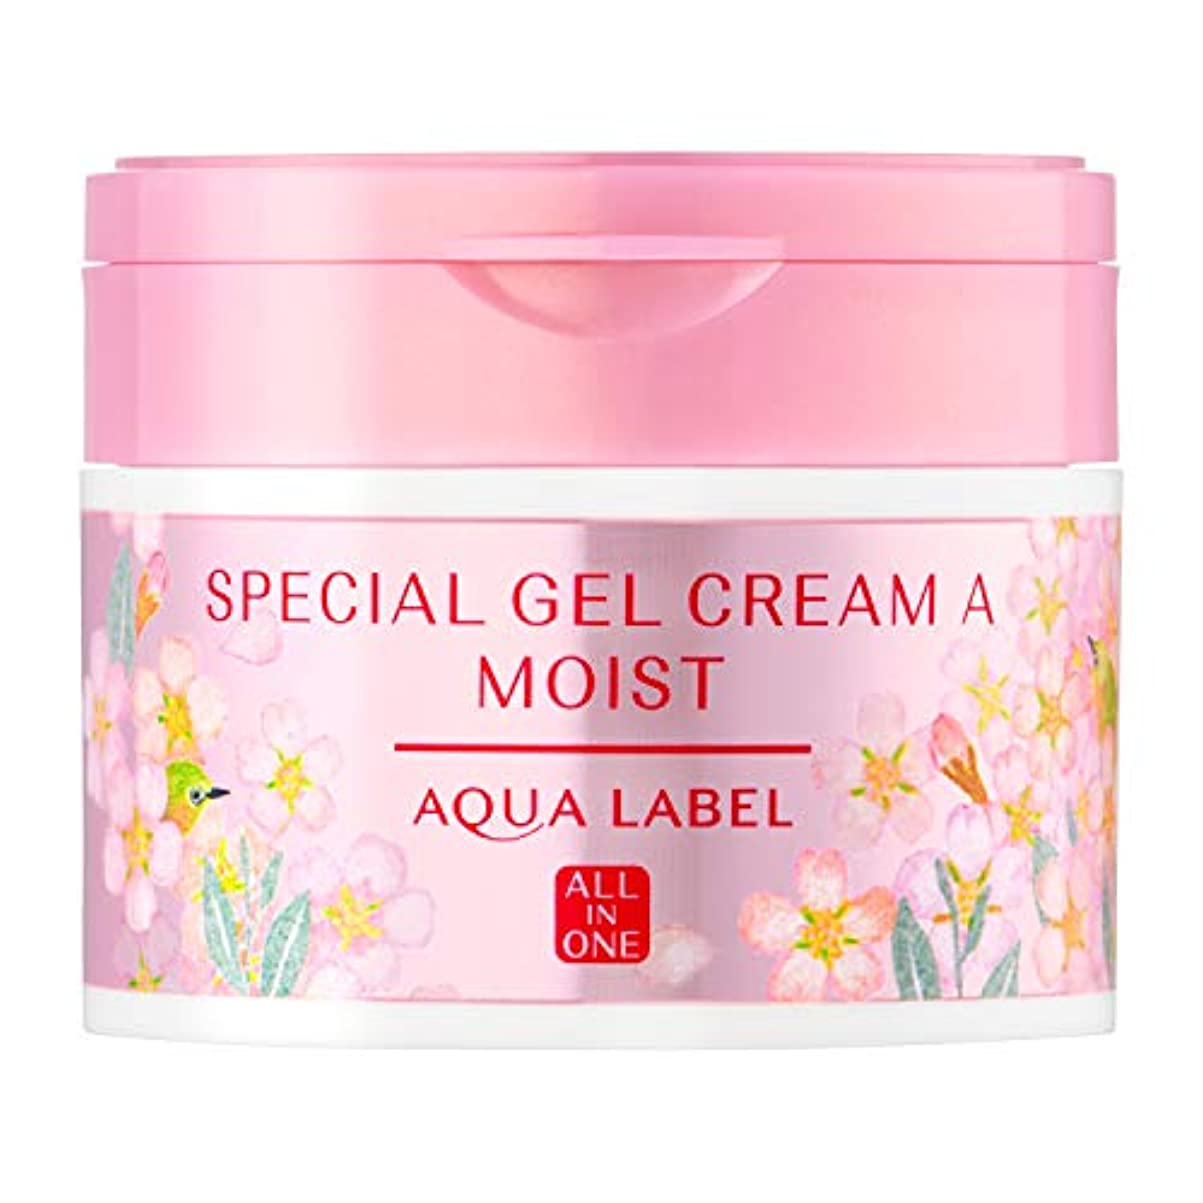 救援笑い拮抗するAQUALABEL(アクアレーベル) アクアレーベル スペシャルジェルクリームA (モイスト) 桜の香り 単品 本体(桜の香り)90g